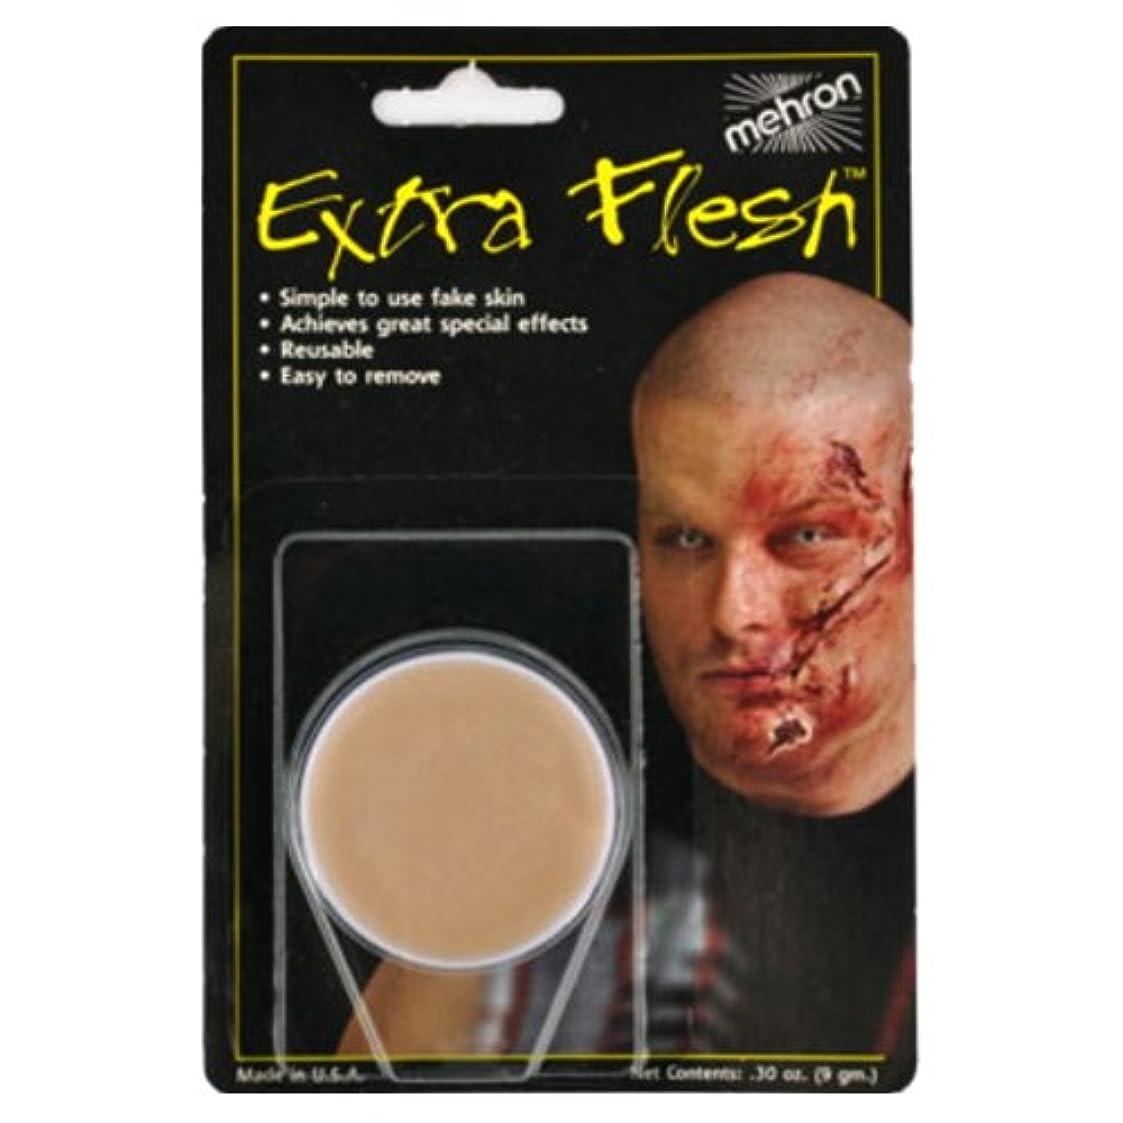 スパーク同盟ドラム(3 Pack) mehron Extra Flesh (並行輸入品)